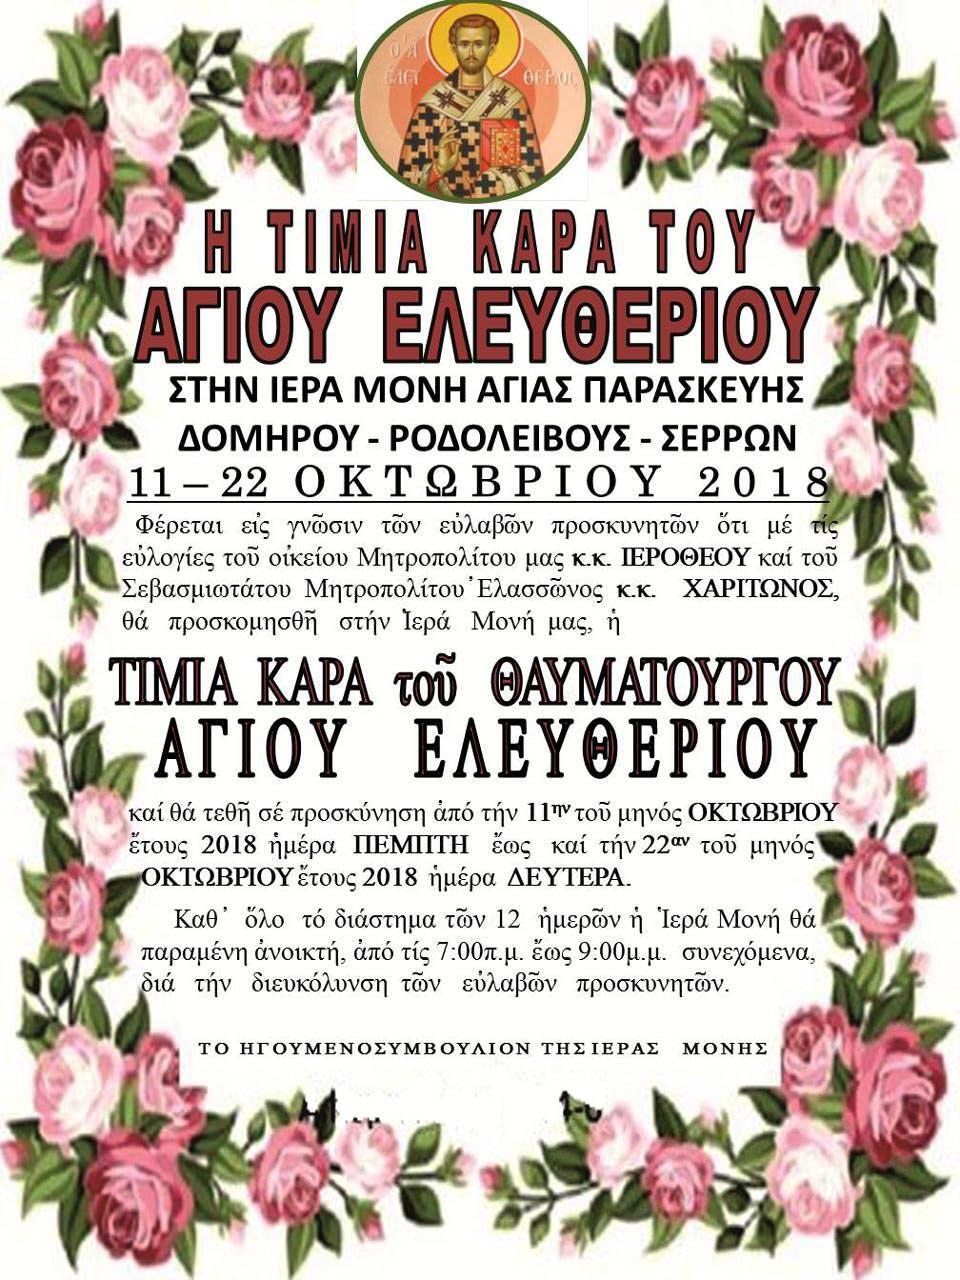 Τιμία Κάρα Άγιος Ελευθέριος Αγία Παρασκευή αφίσα